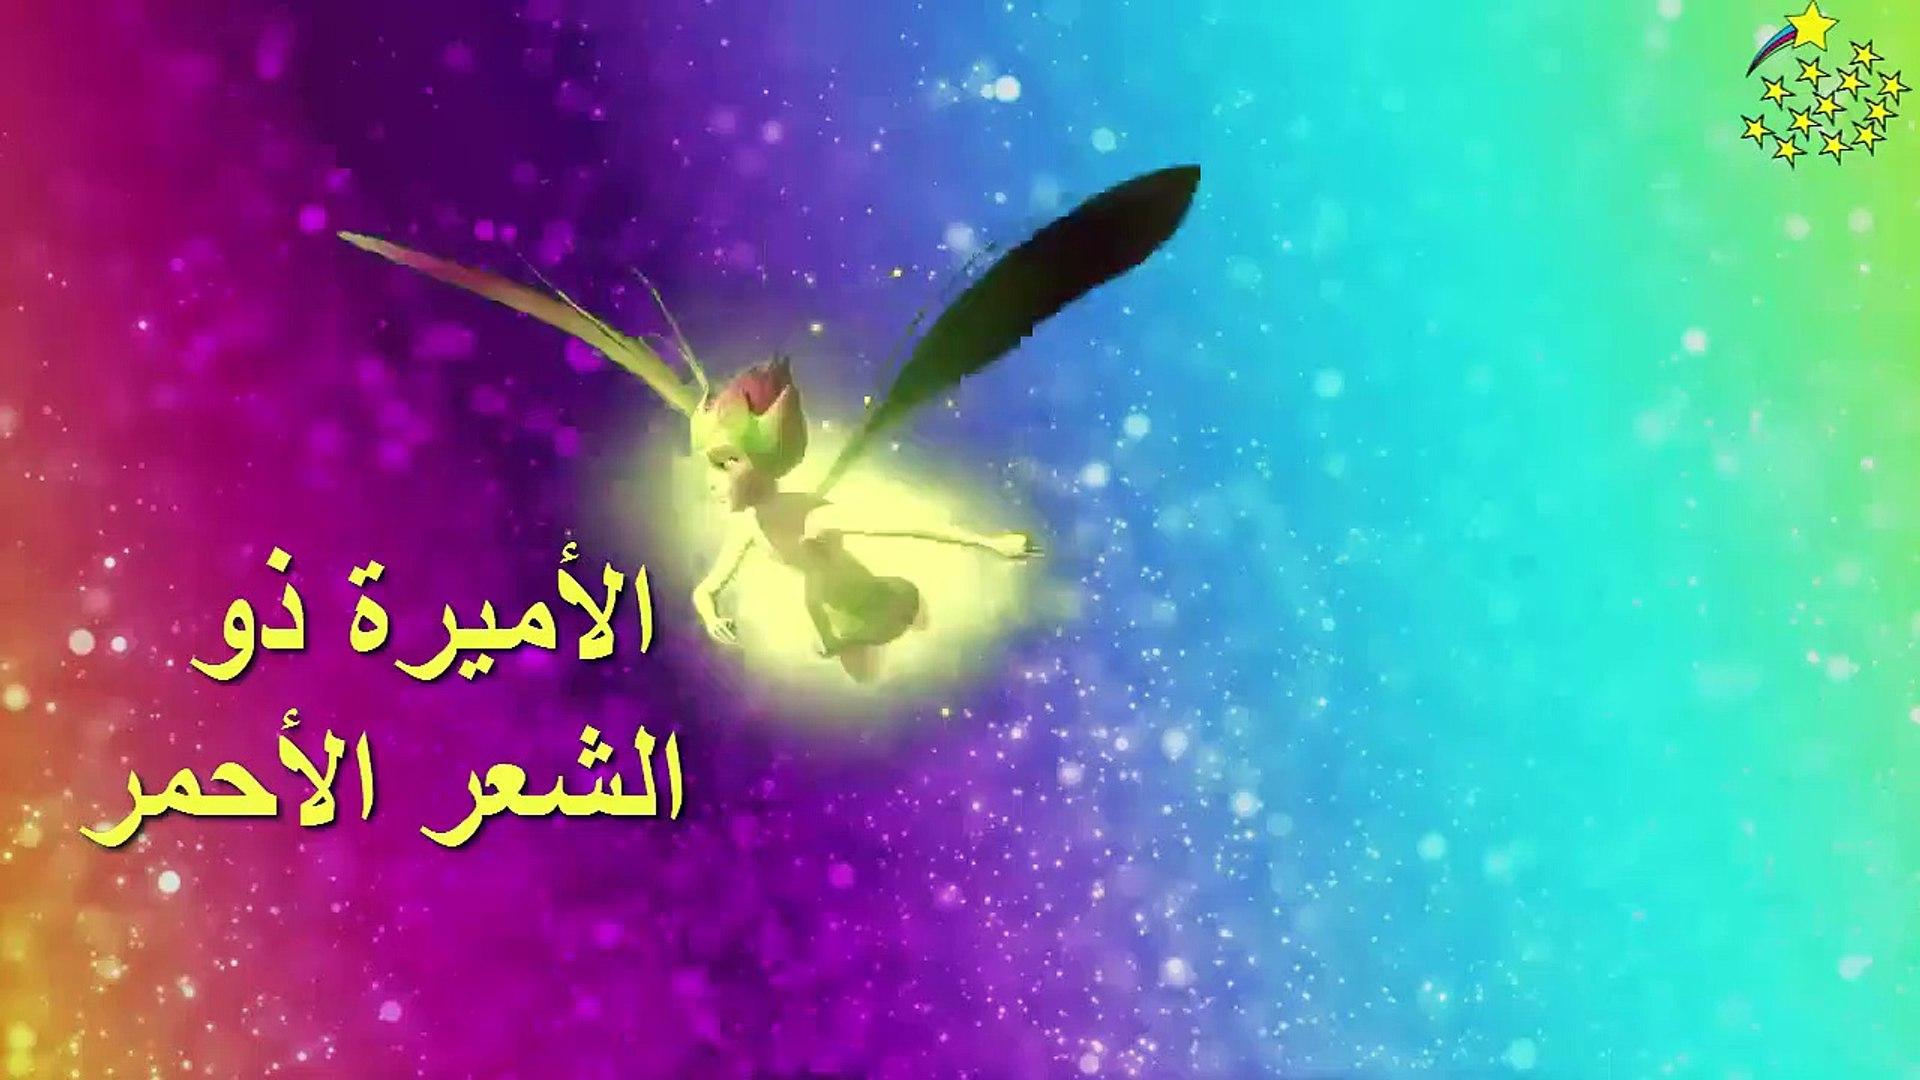 الأميرة ذات الشعر الأحمر - قصص أطفال - قصص عربية - حكايات أطفال